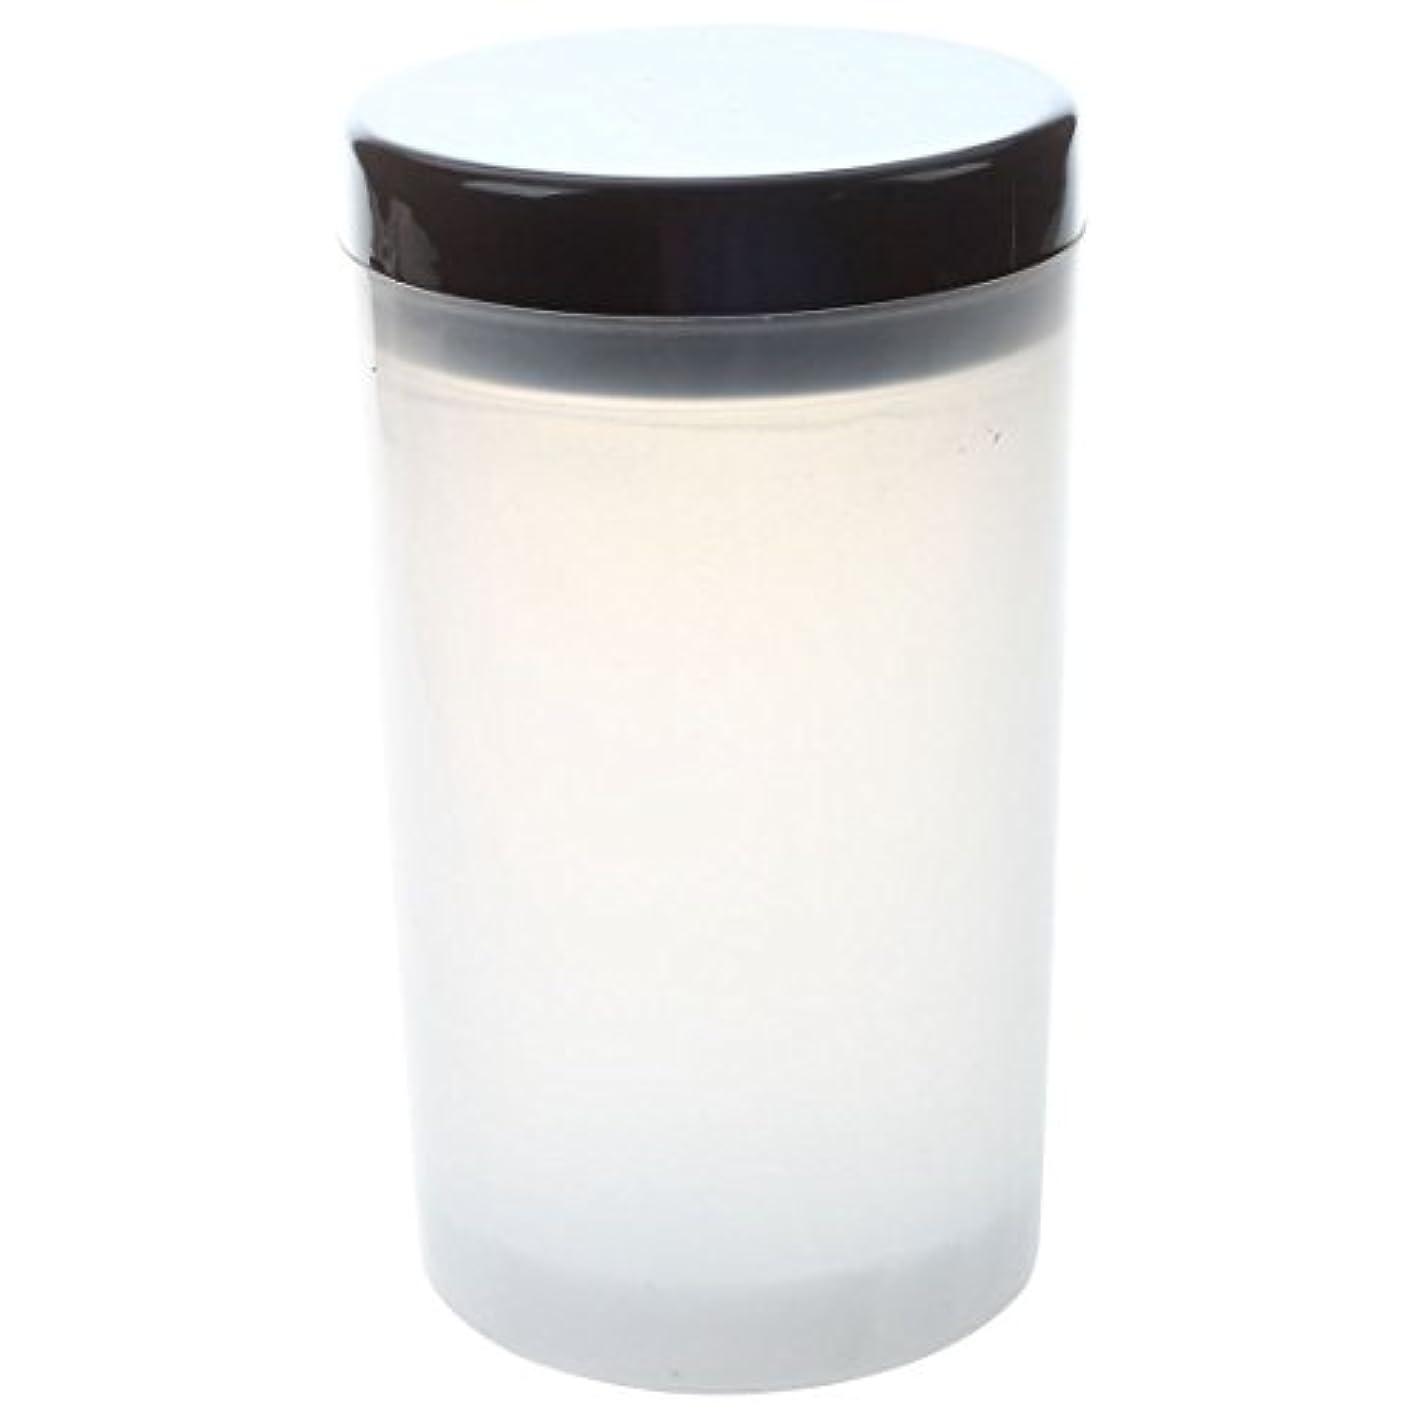 指導する故意に起業家Gaoominy ネイルアートチップブラシホルダー リムーバーカップカップ浸漬ブラシ クリーナーボトル